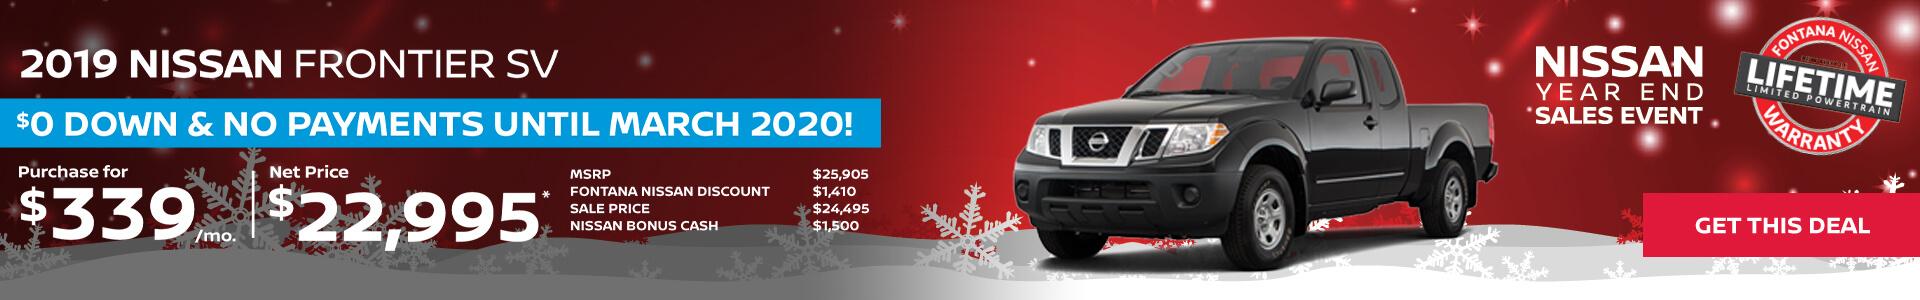 Nissan Frontier $339